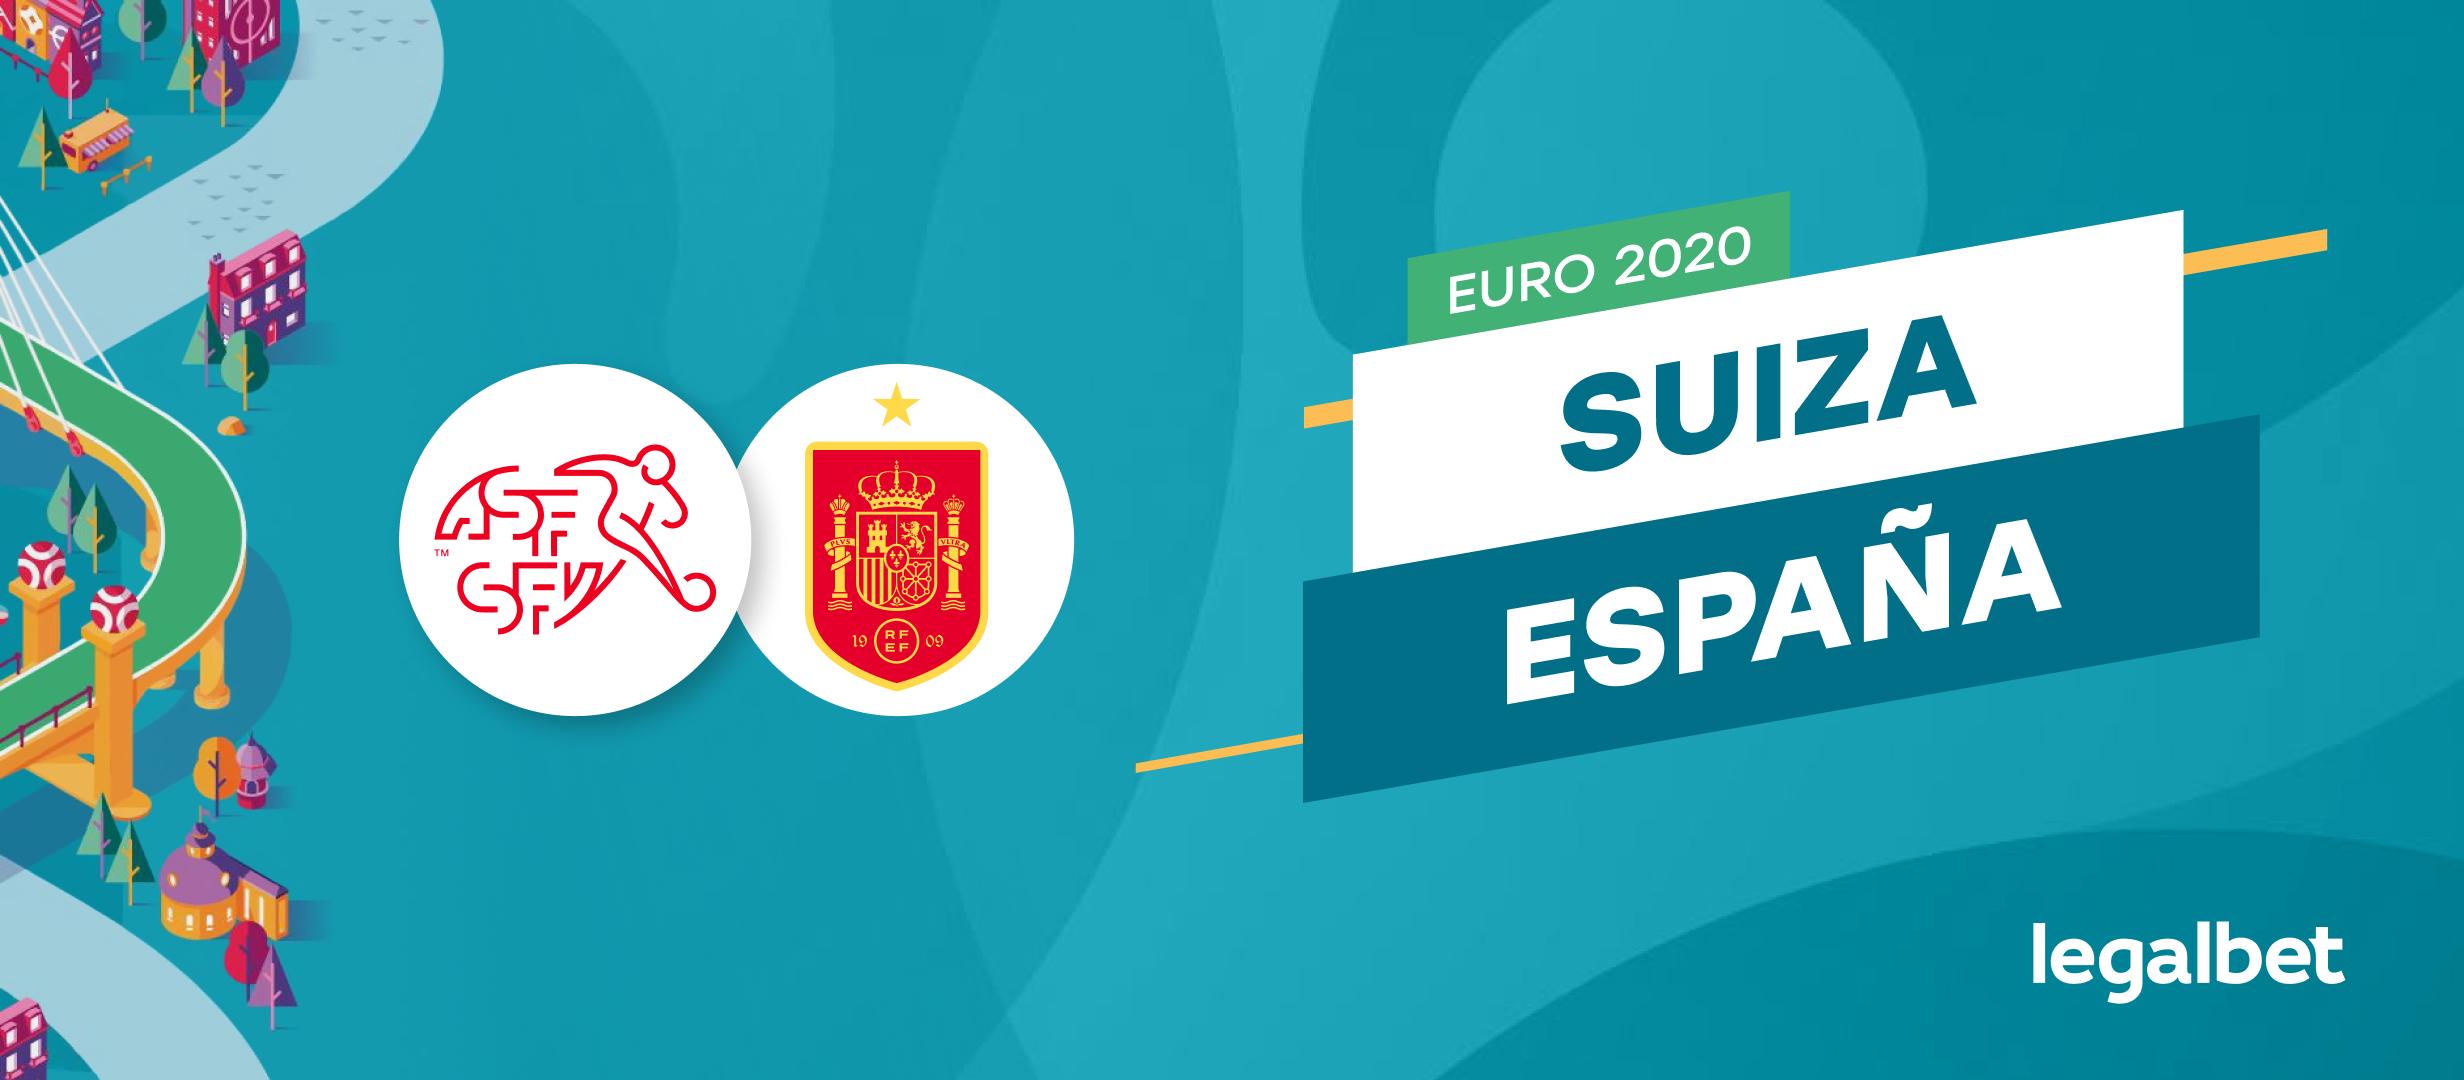 Apuestas y cuotas Suiza - España, EURO 2020